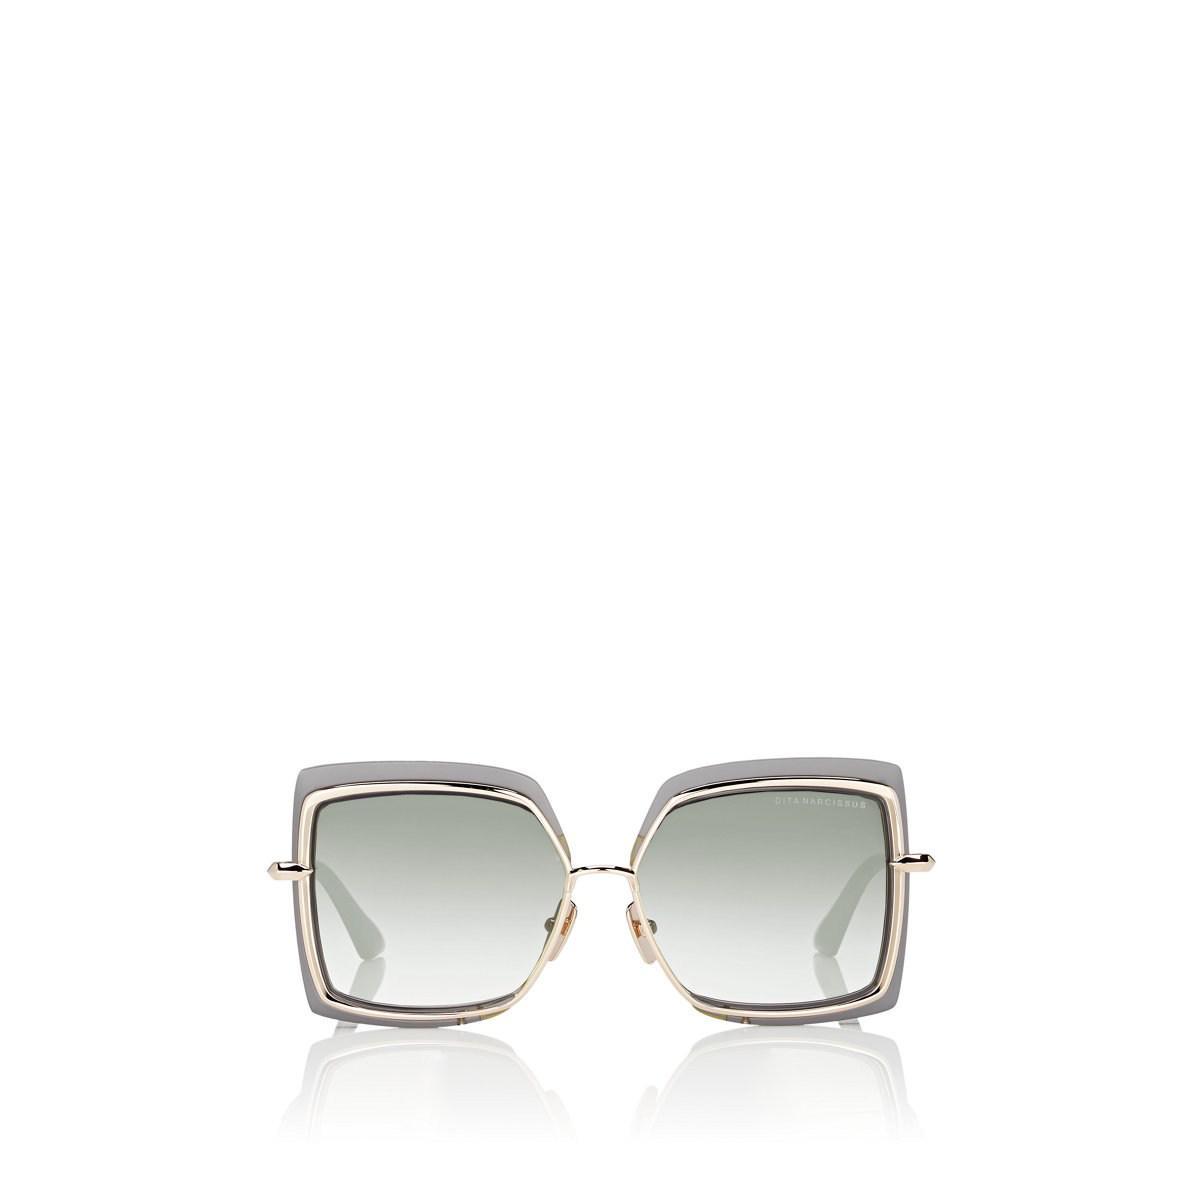 784f855fa947 DITA Narcissus Sunglasses in Gray - Lyst